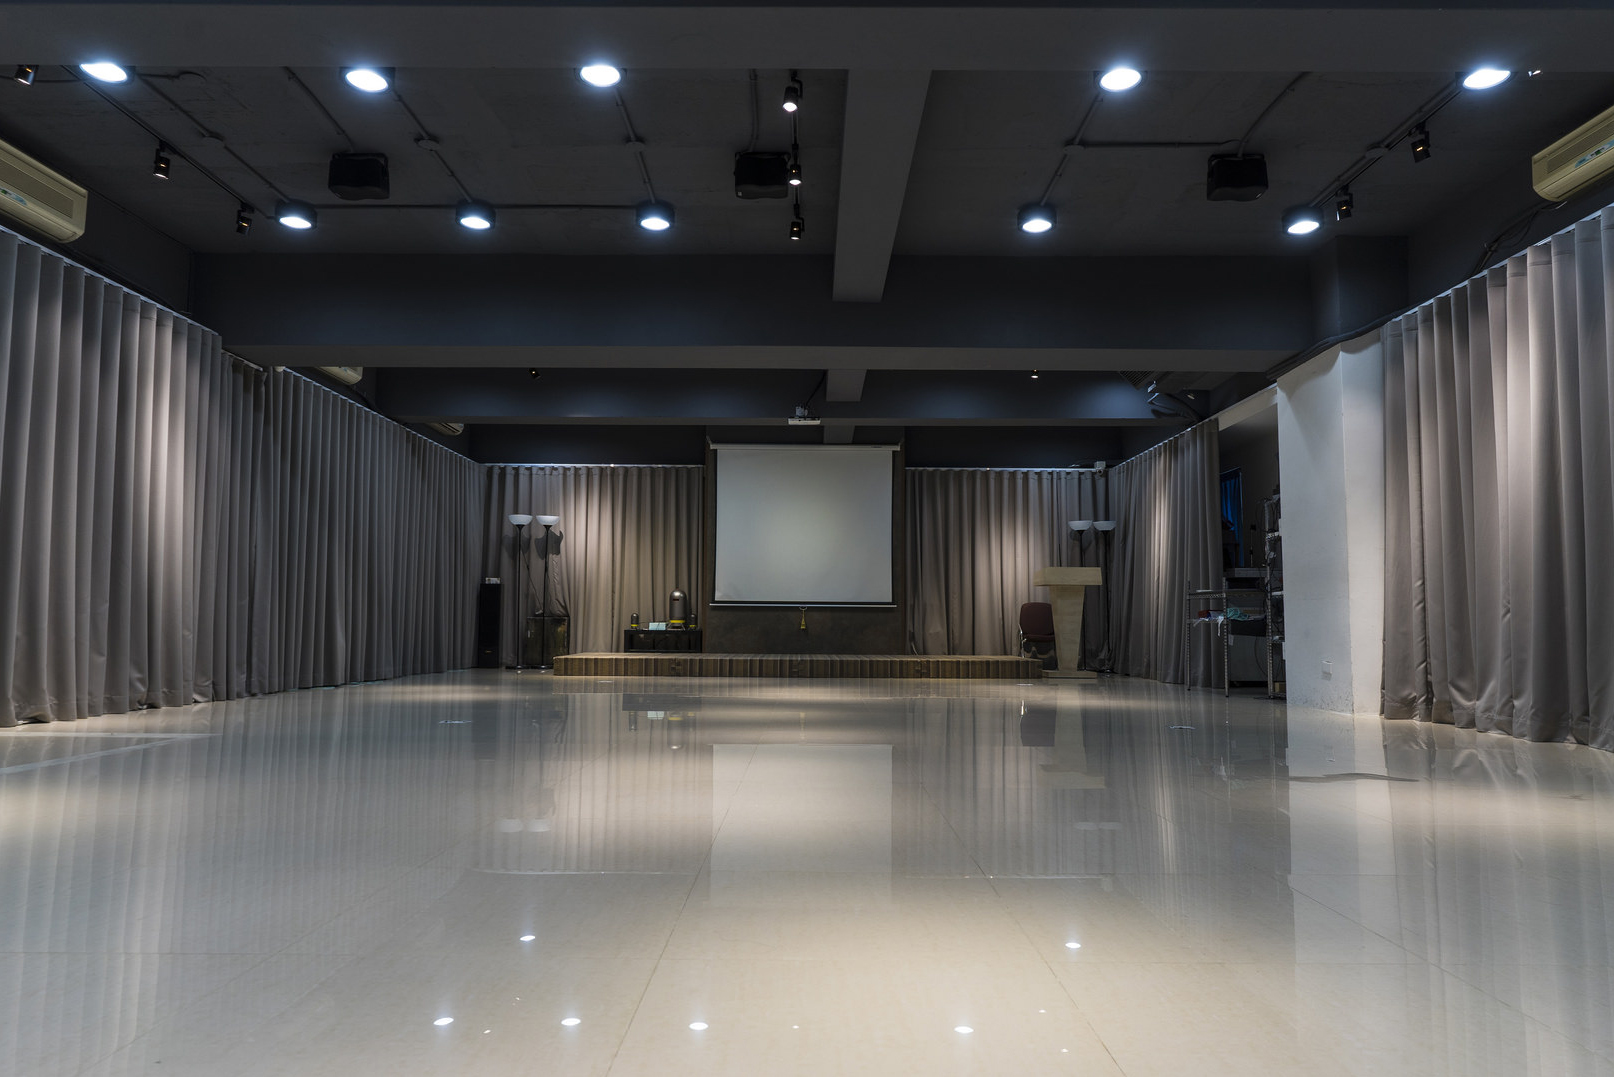 【活動場地】台北 – 盈創中心。隱藏台北市中心的豪華活動場地